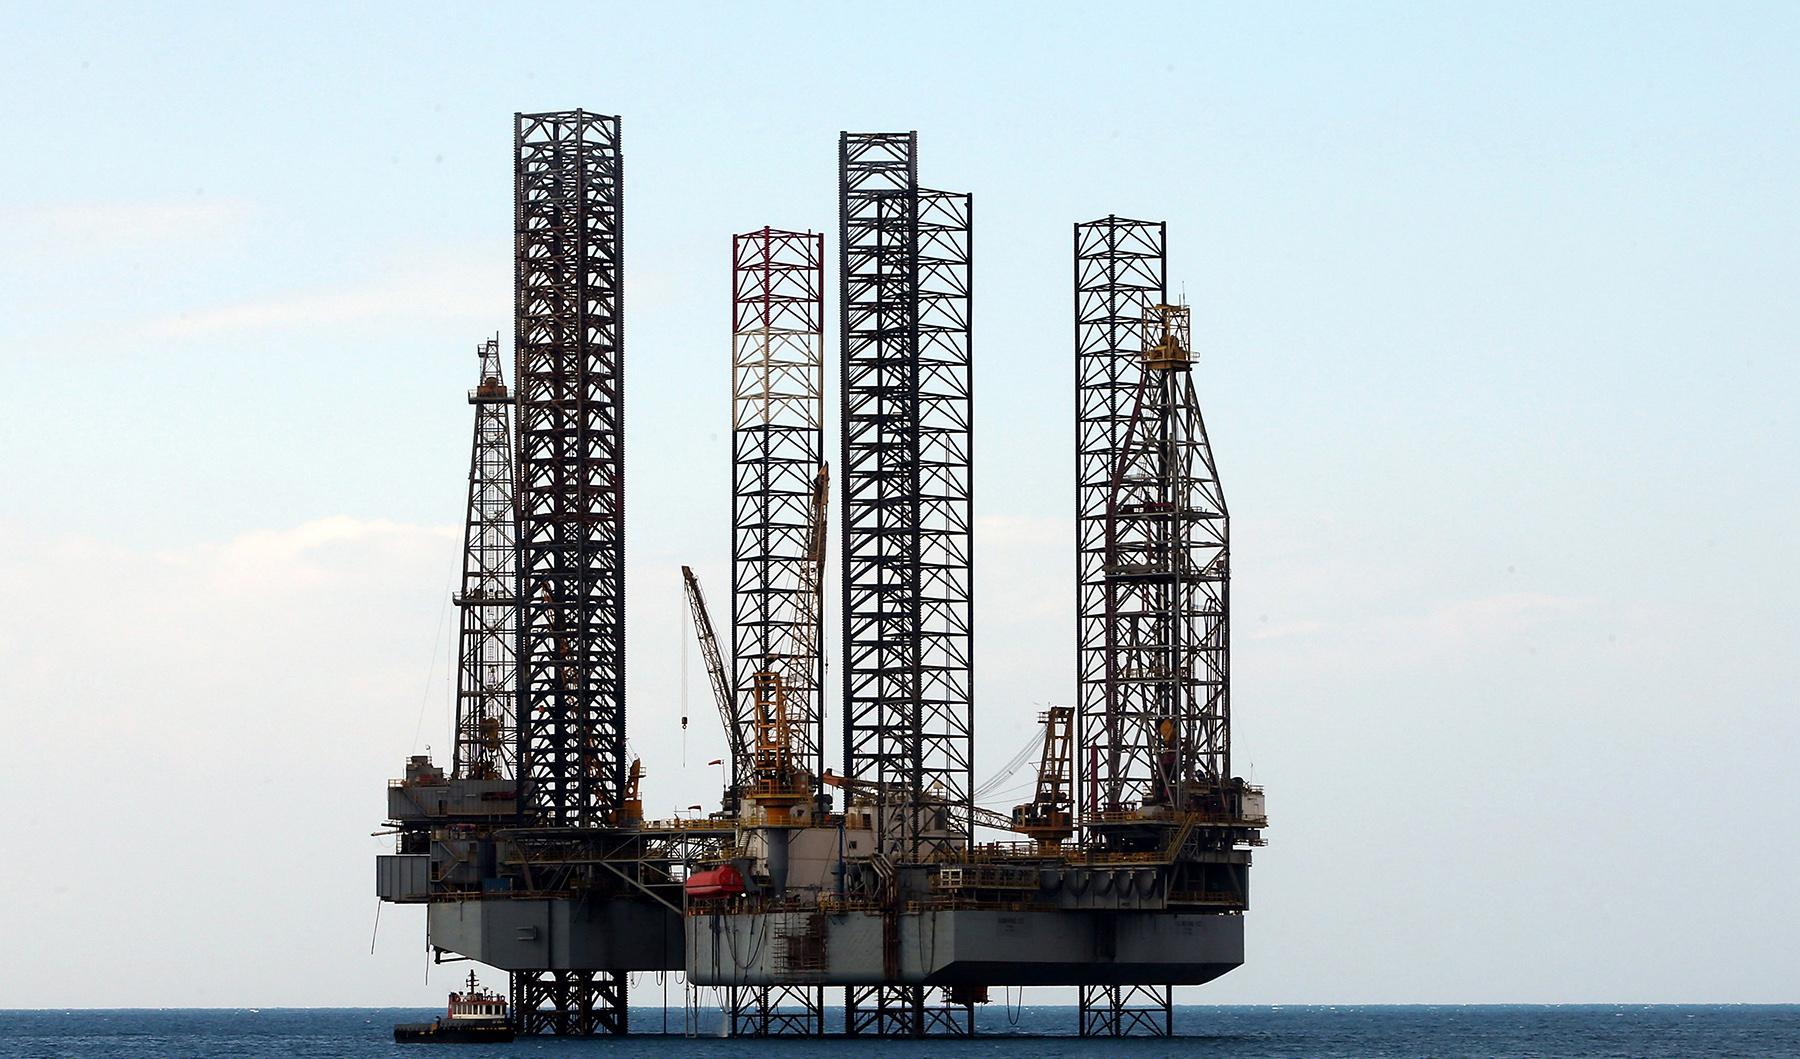 مقابله نفتی با ایران، محور مذاکرات عربستان و آمریکا